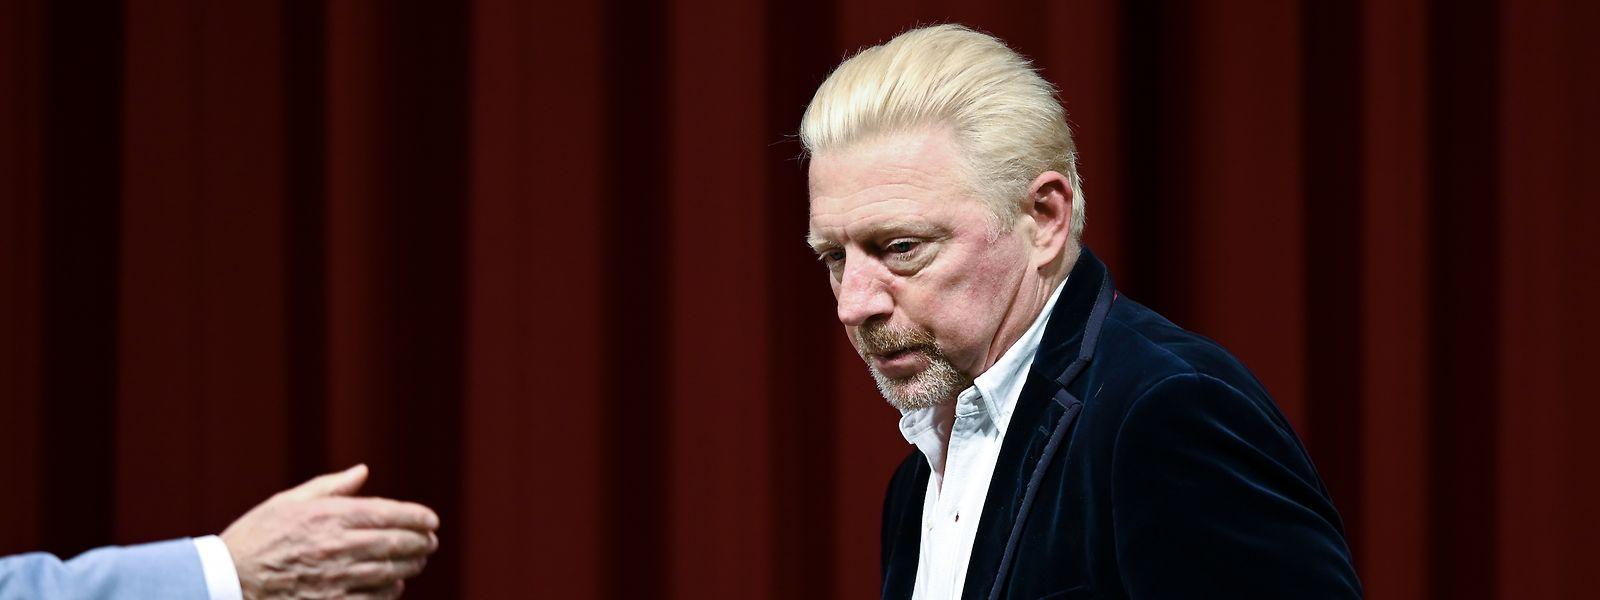 Am 22.10.2020 muss sich Boris Becker vor dem Southwark Crown Court in London gegen Vorwürfe der britischen Insolvenzbehörde wehren.